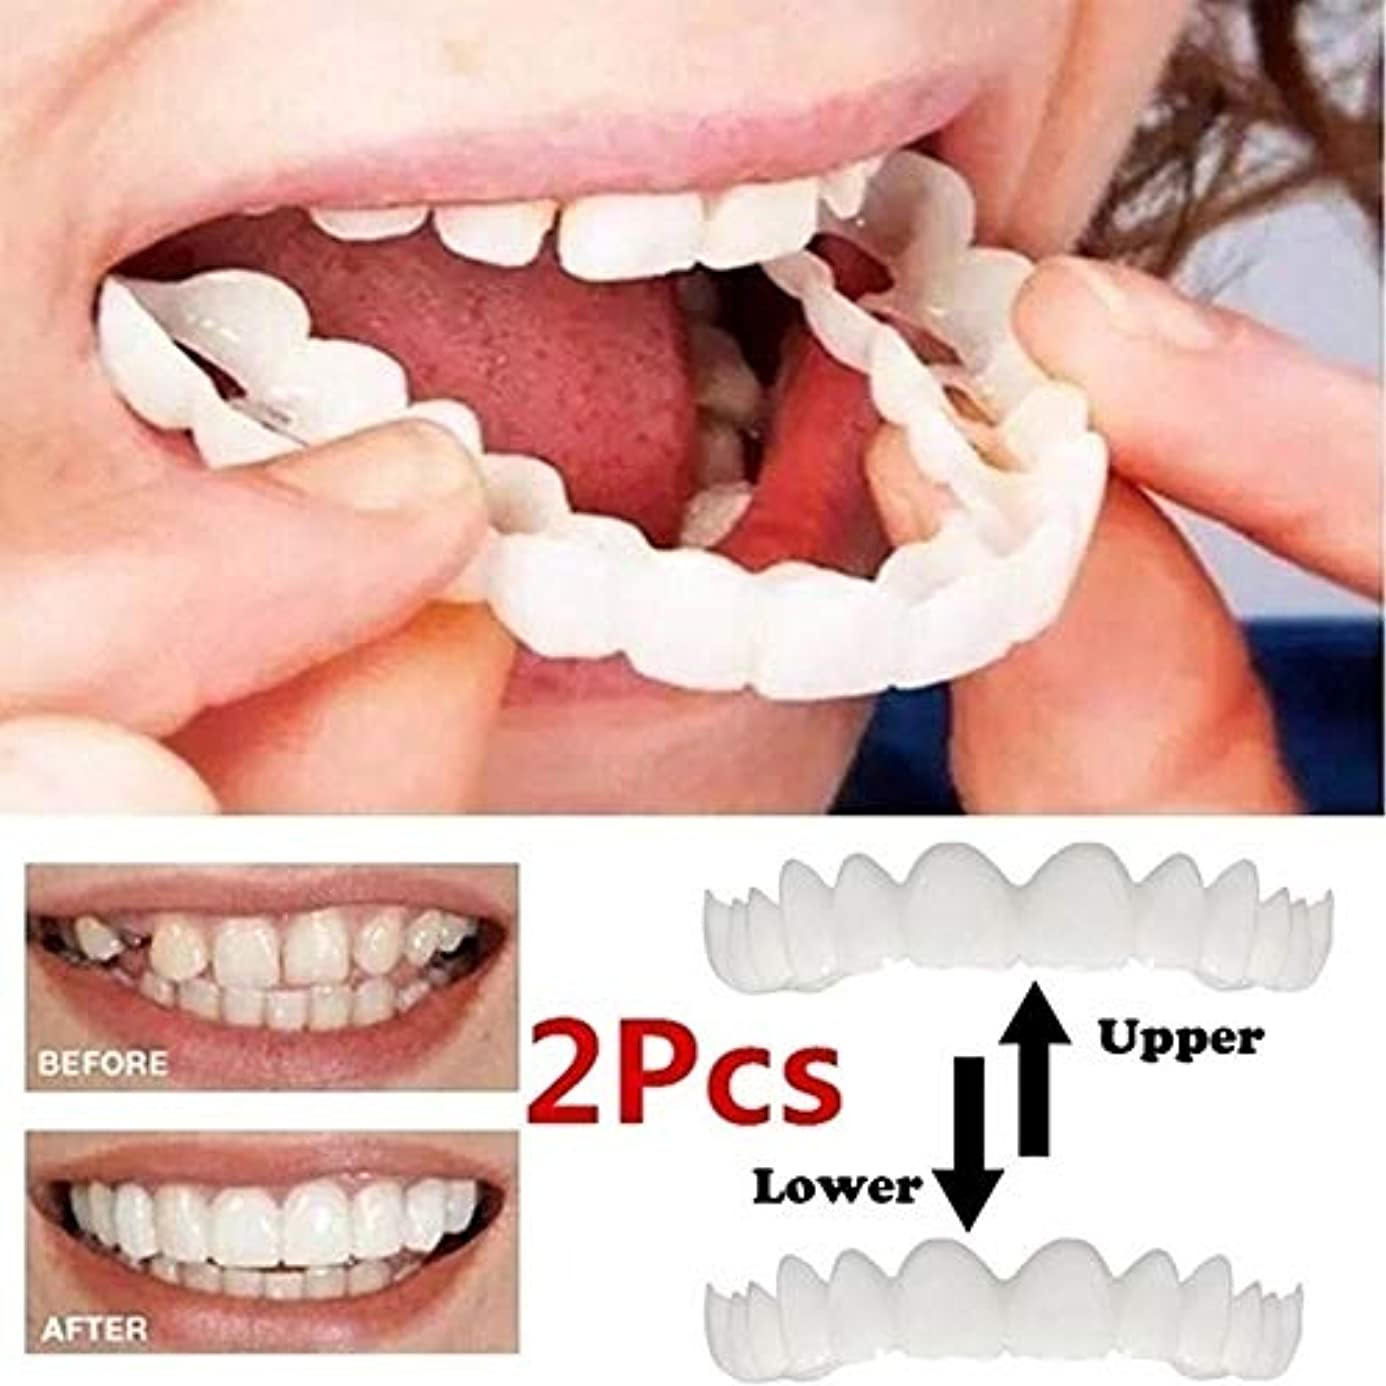 出身地ジョージバーナード敗北2ピース上下義歯インスタントスマイルコンフォートフレックス化粧品歯義歯1つのサイズにフィット最も快適な義歯ケア